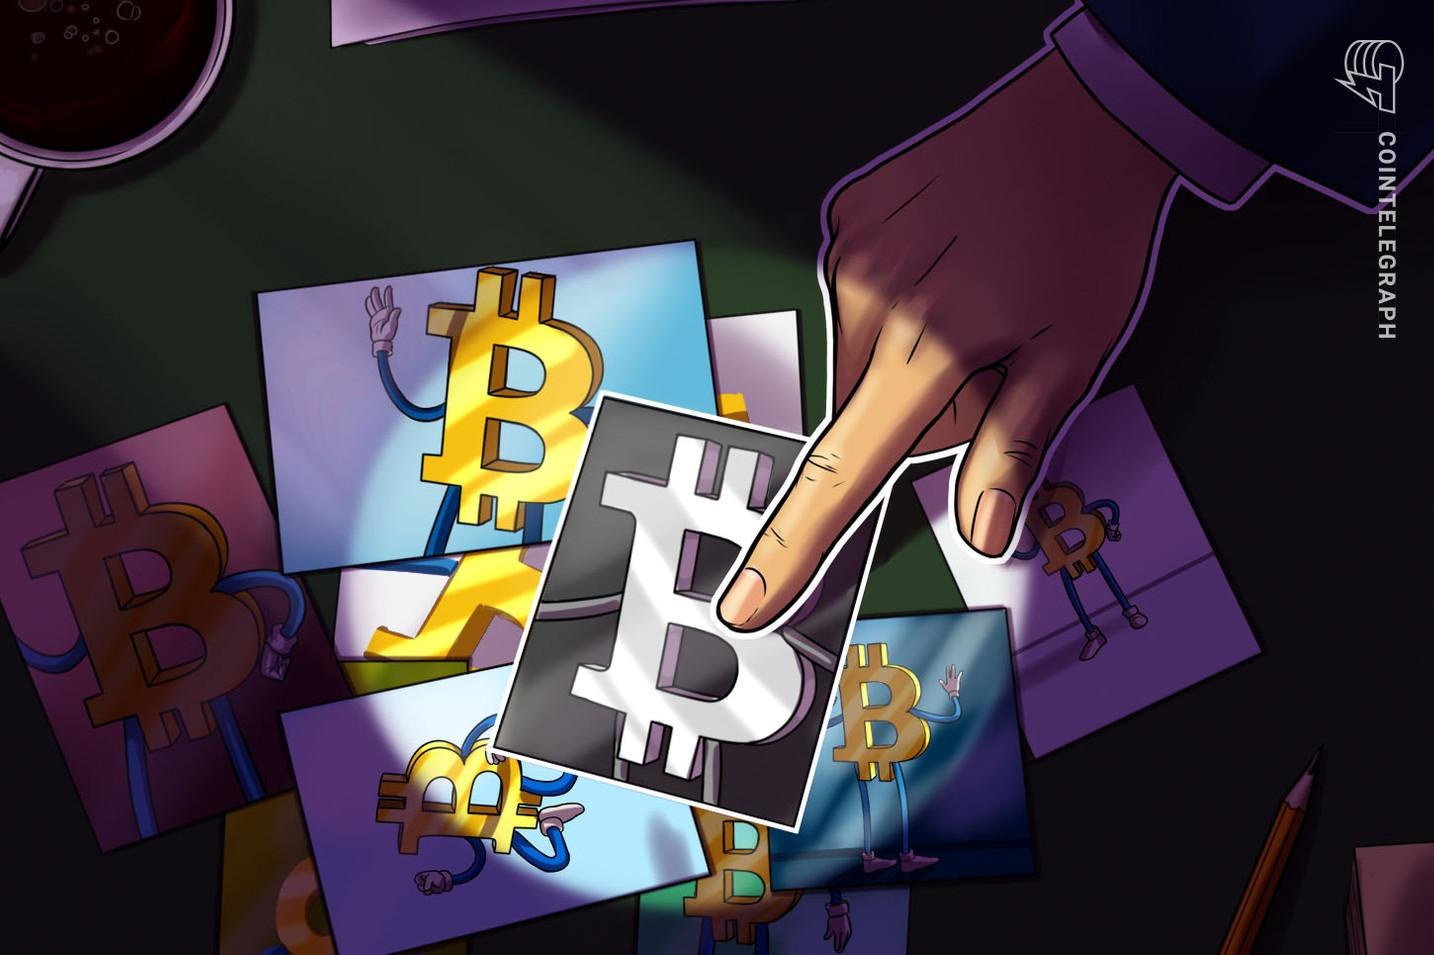 """Ar gresia Bitcoin prarasti 30 XNUMX USD, kai per dvi savaites atsiras didelis """"Grayscale"""" GBTC?"""